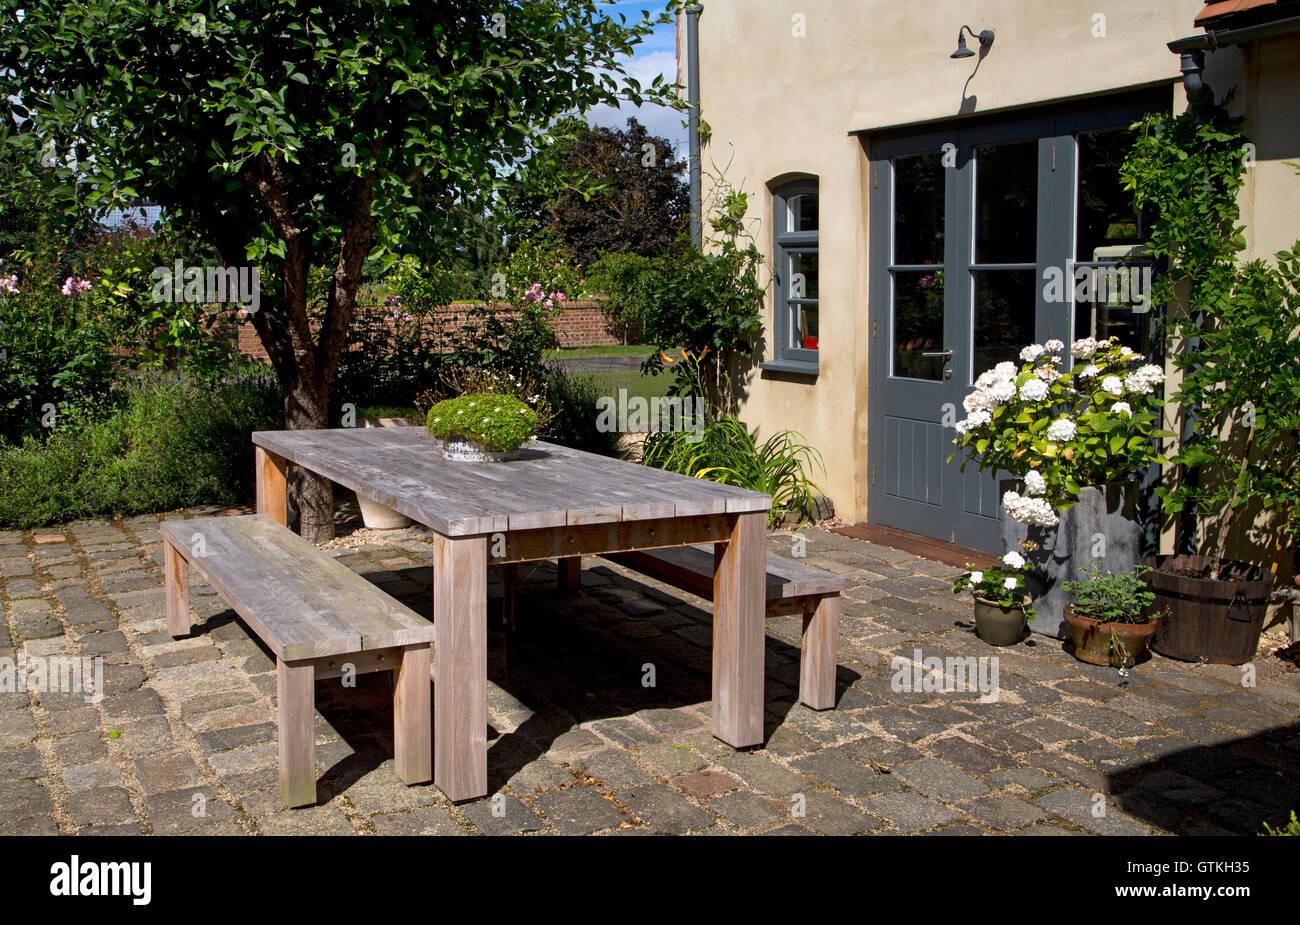 Jardin Exterieur Table Et Bancs En Bois Salle A Manger Jardin